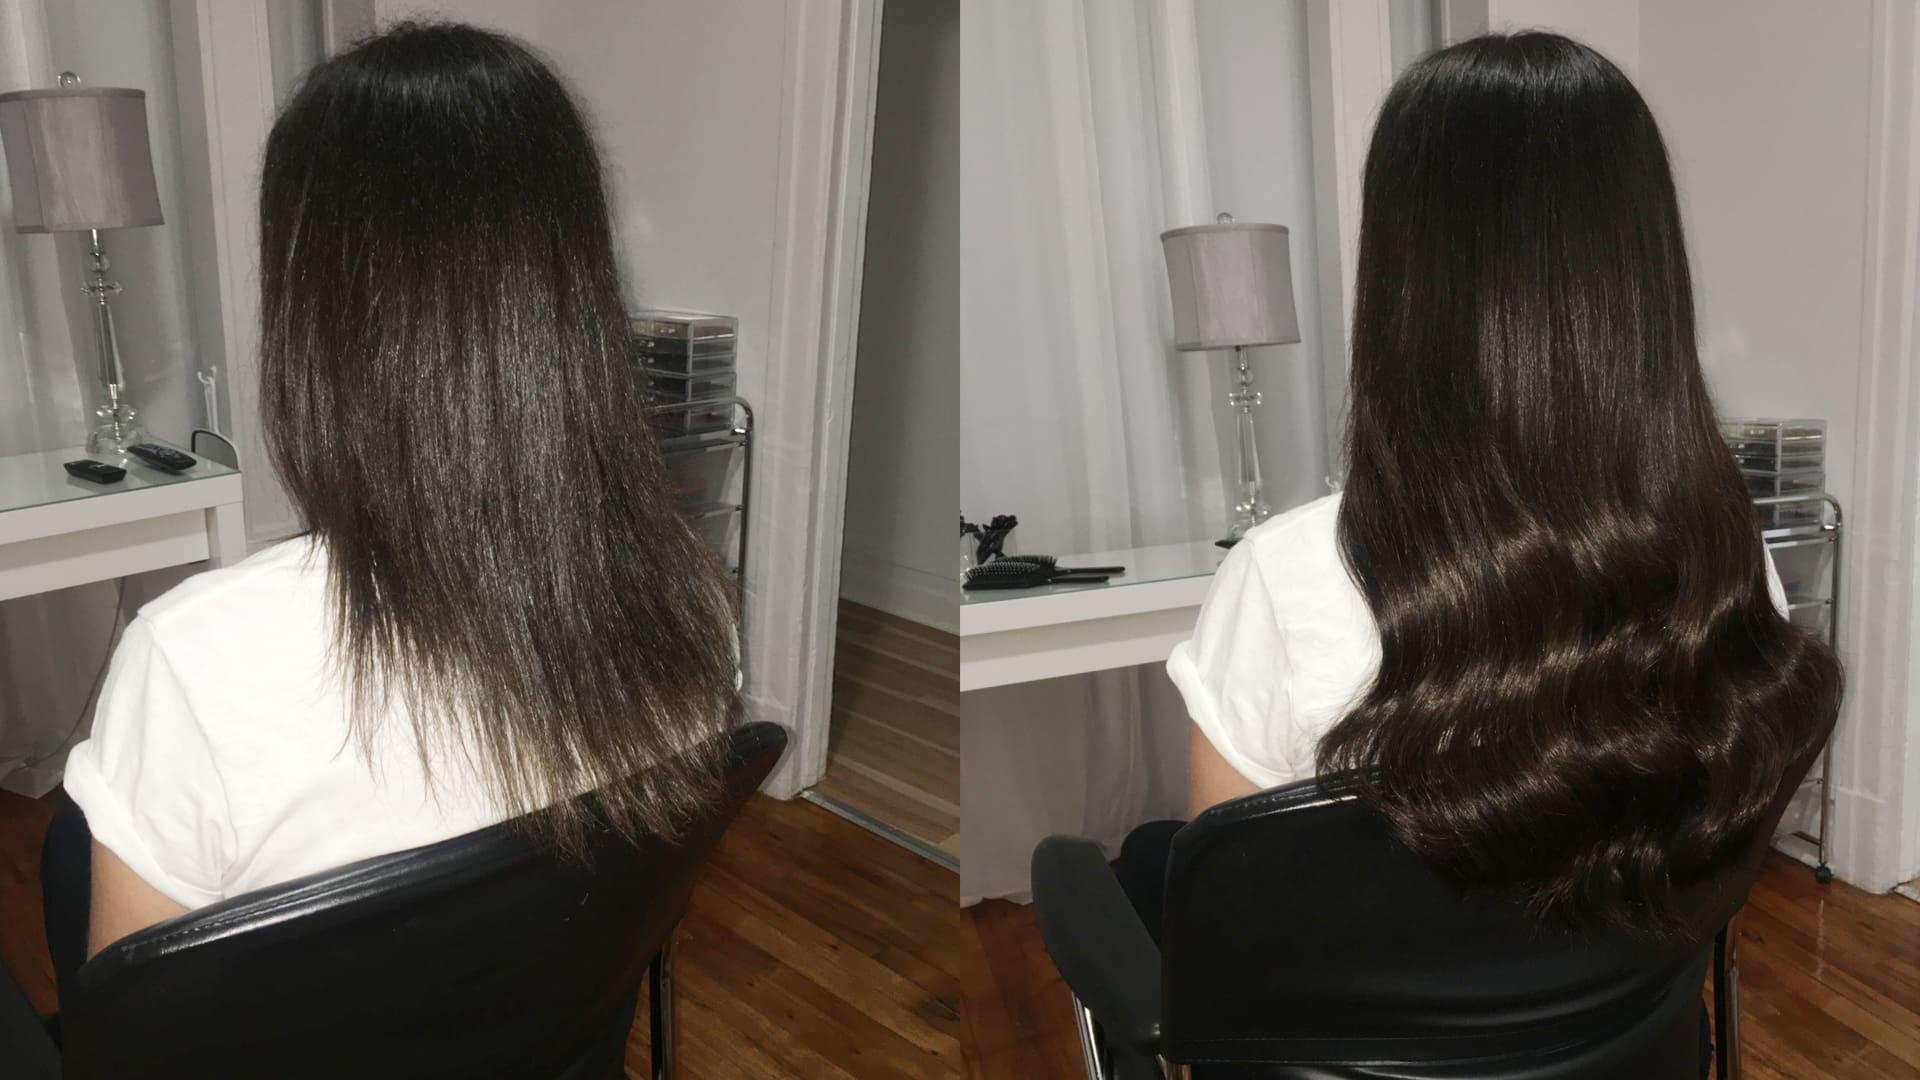 Vente de keratine pour cheveux a montreal